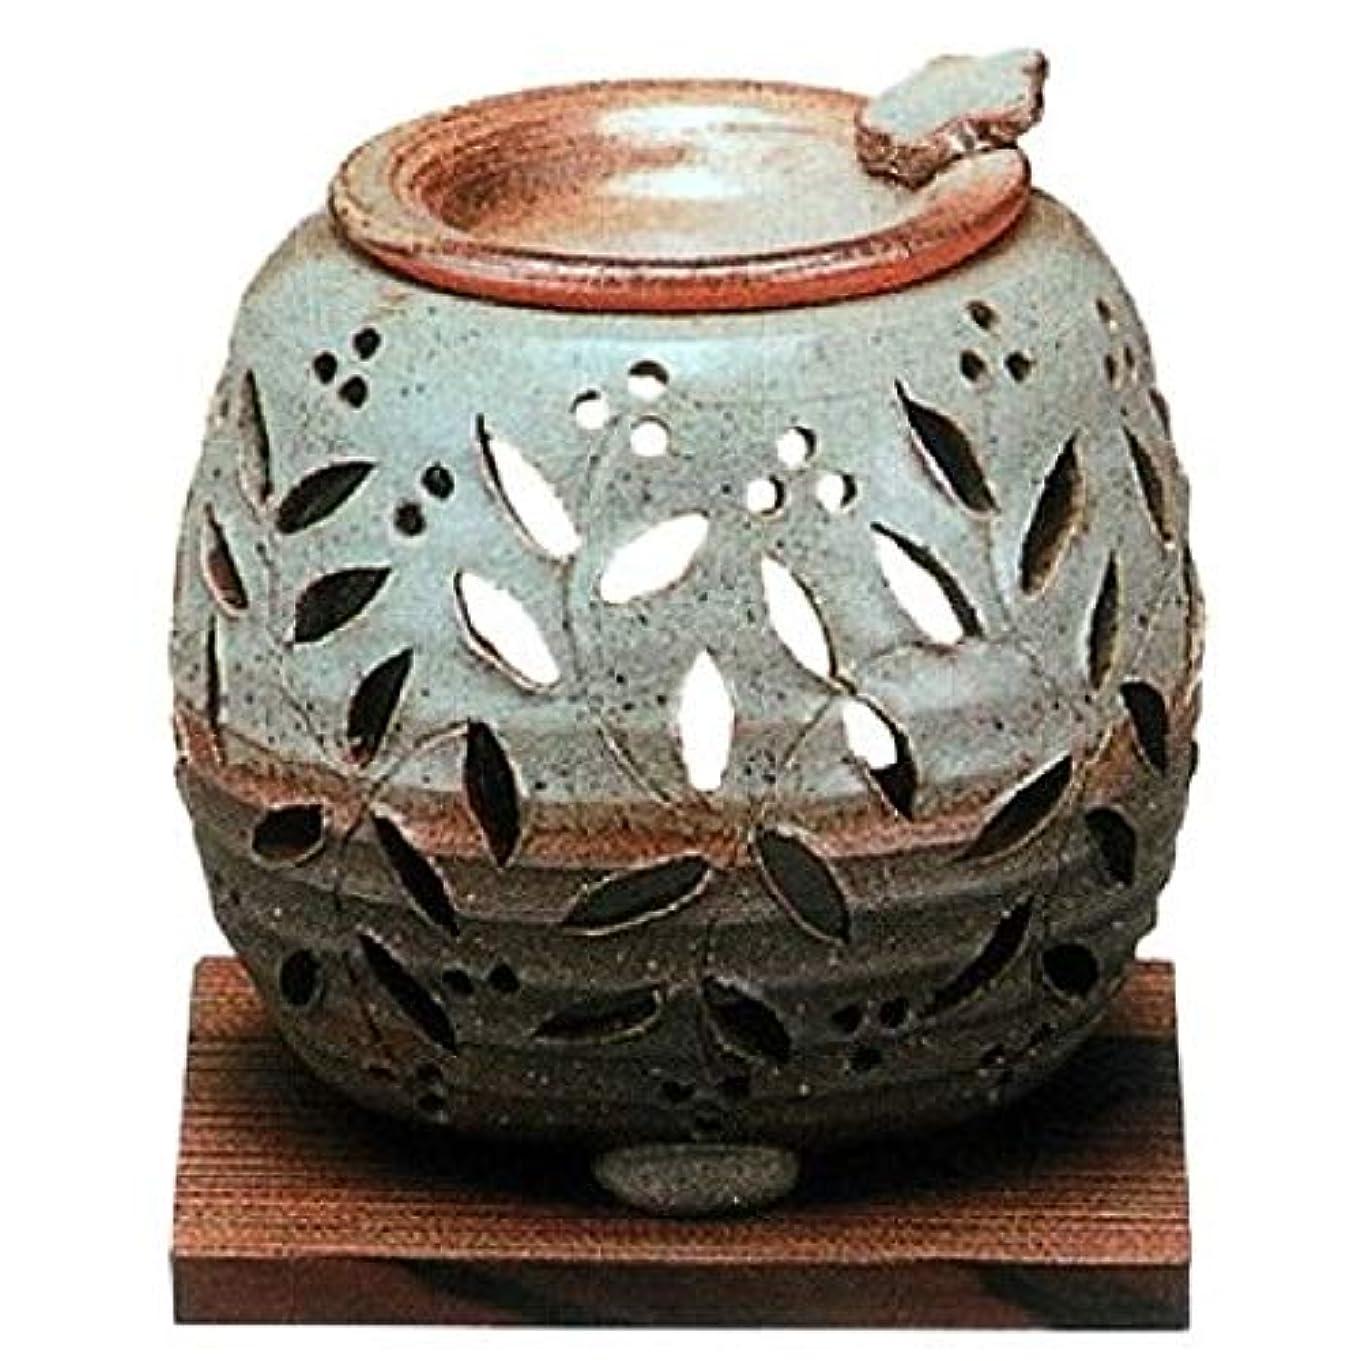 アマゾンジャングルガロンどちらか【常滑焼】石龍 緑灰釉花透かし彫り茶香炉 灰釉花透かし  φ11×H11㎝ 3-829